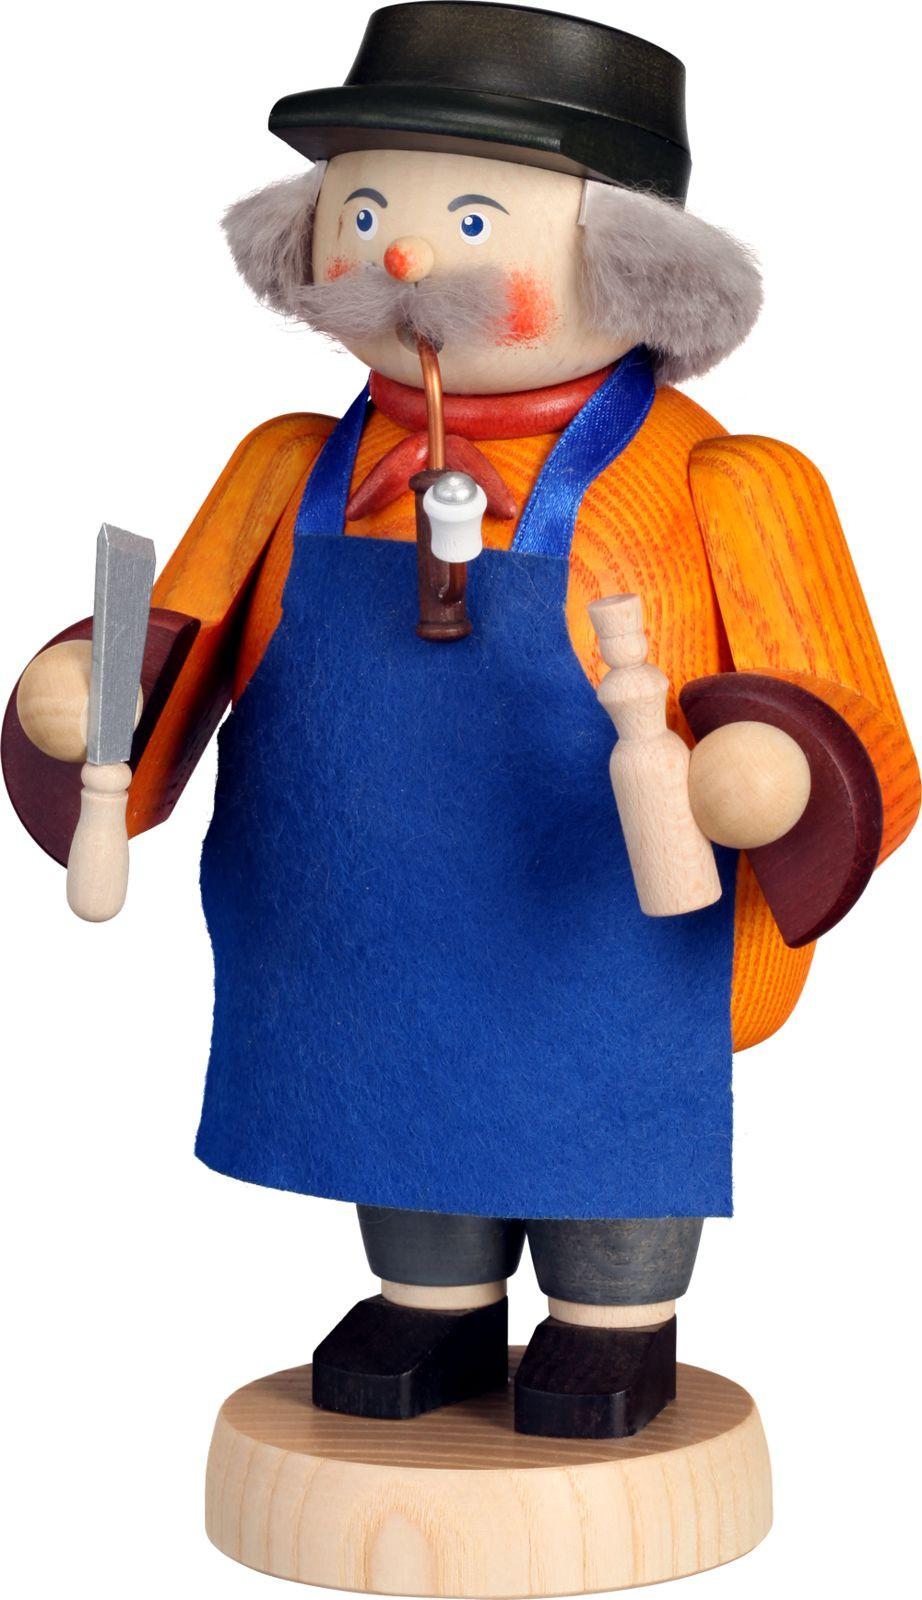 Räuchermann Spielzeugmacher - Die Gemütlichen